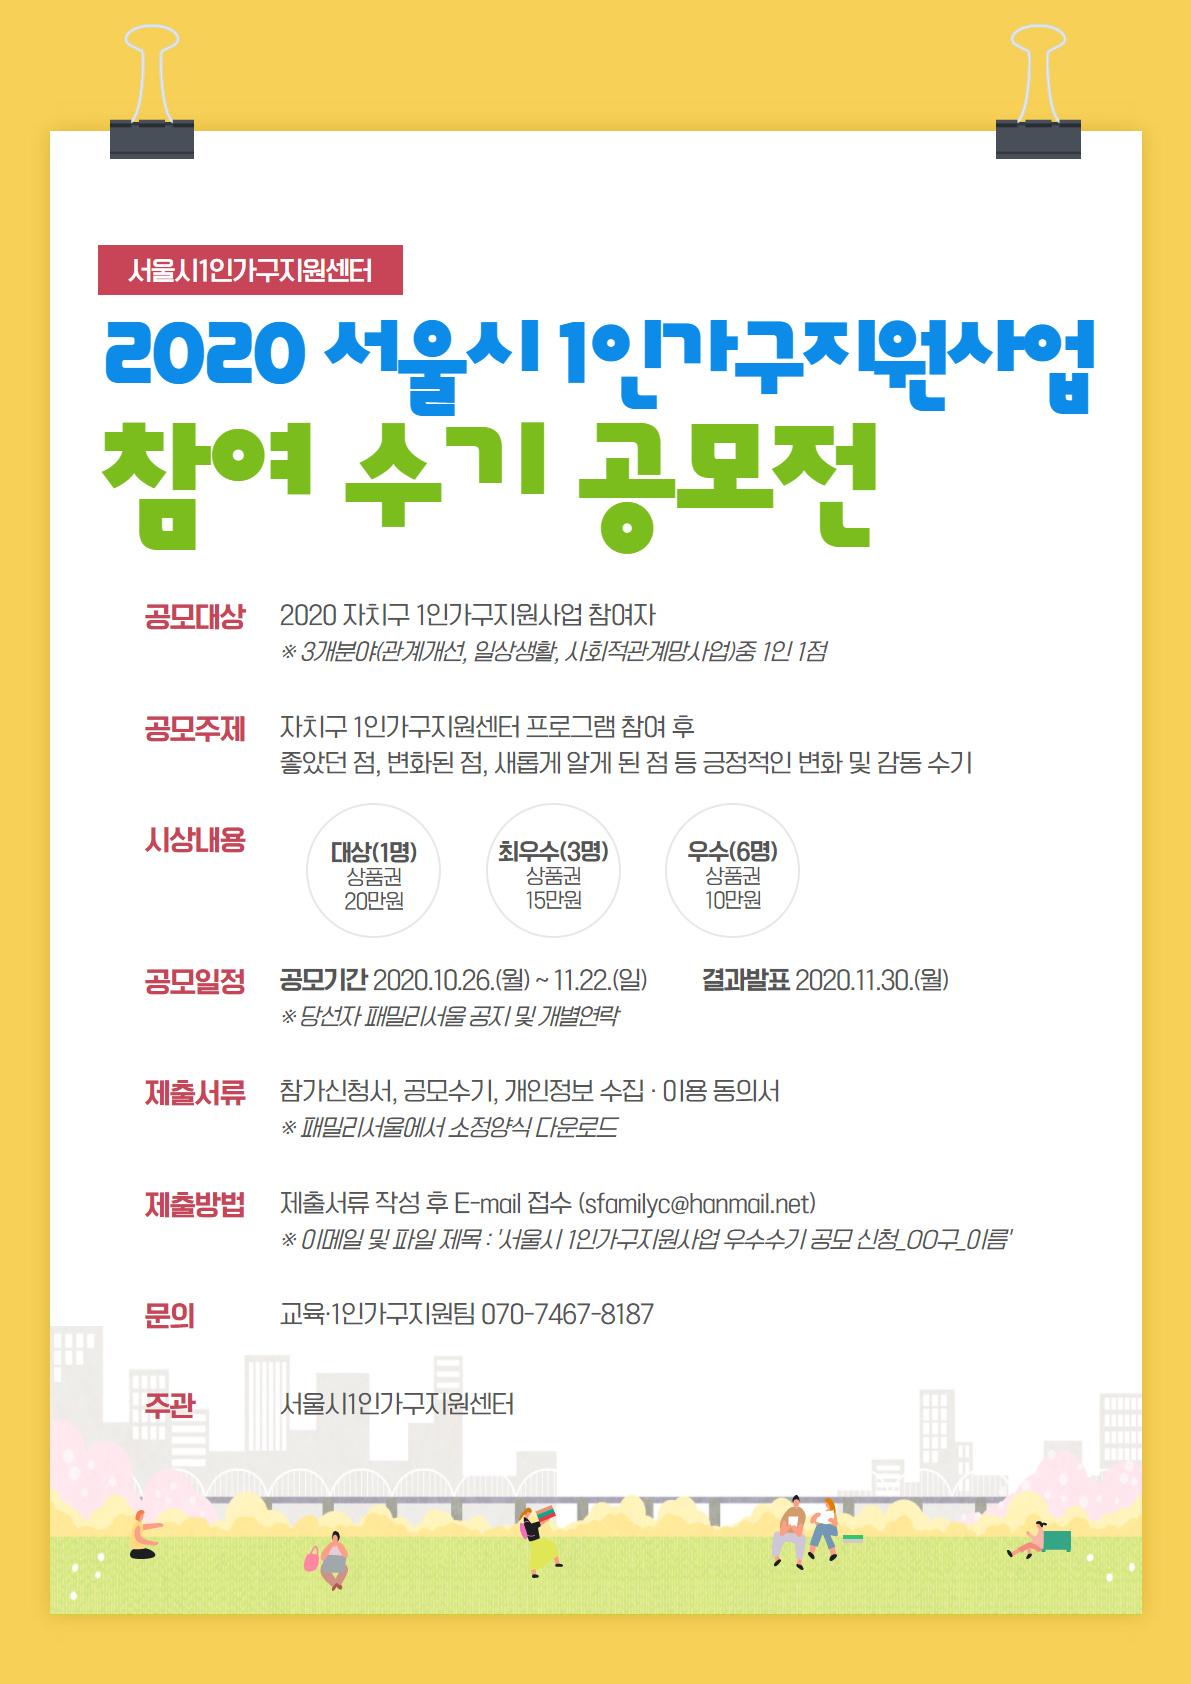 2020년 서울시 1인가구지원사업 참여 우수수기 공모